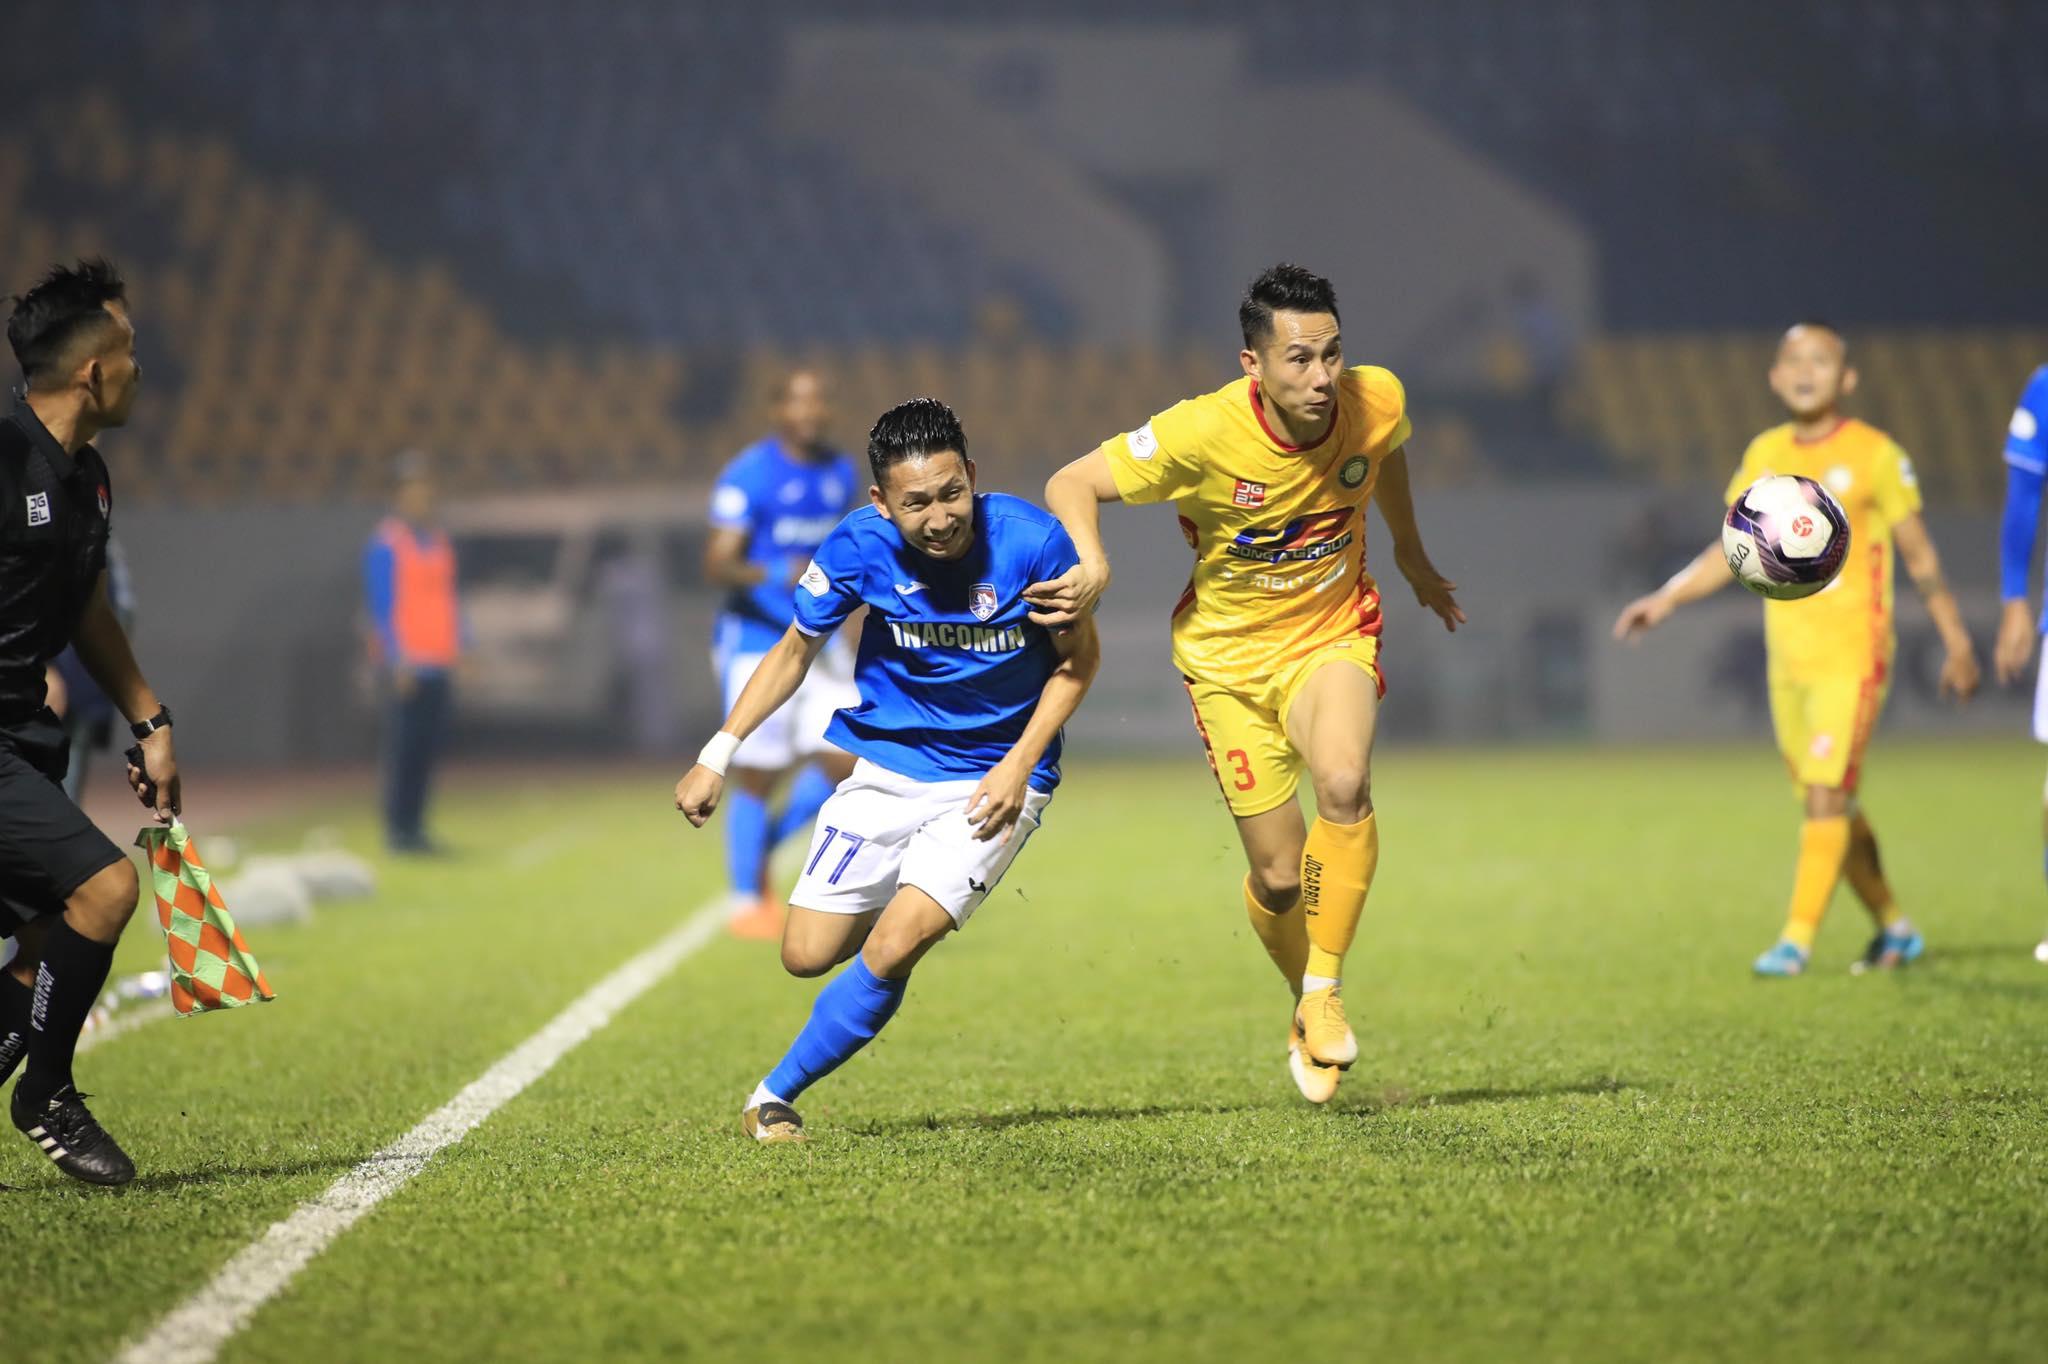 Nghiêm Xuân Tú sẽ khoác áo Than.QN gặp lại đội bóng anh đã thi đấu ở giai đoạn 2 V.League 2020 - Ảnh: Phan Tùng